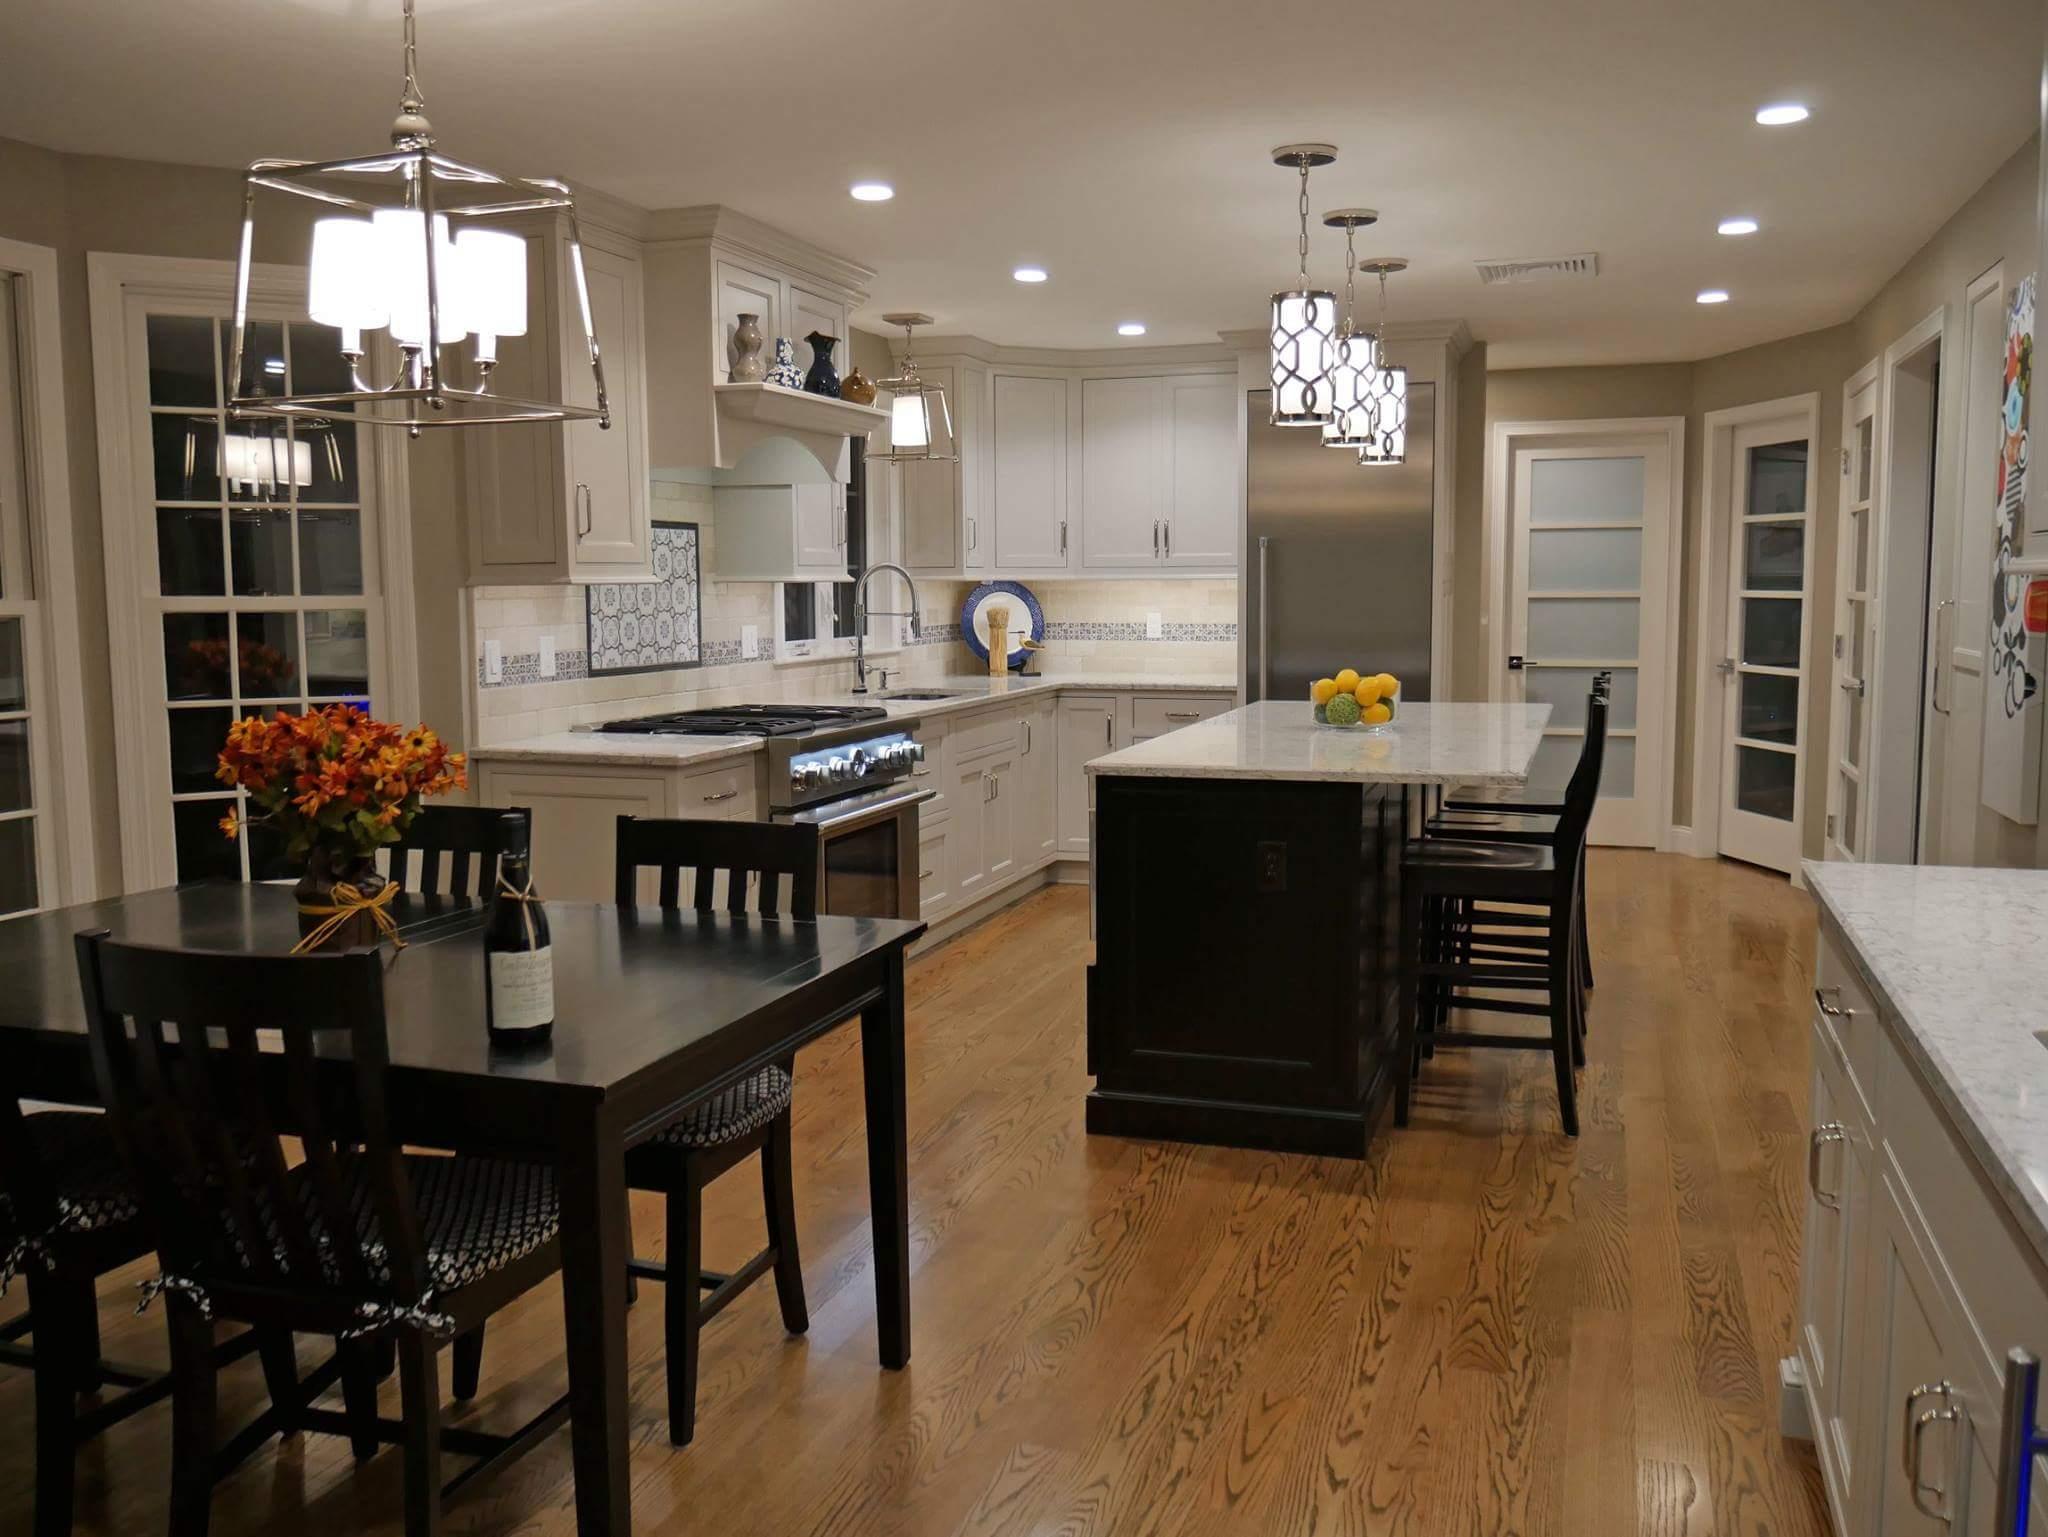 Decorative Lighting & Interior Design